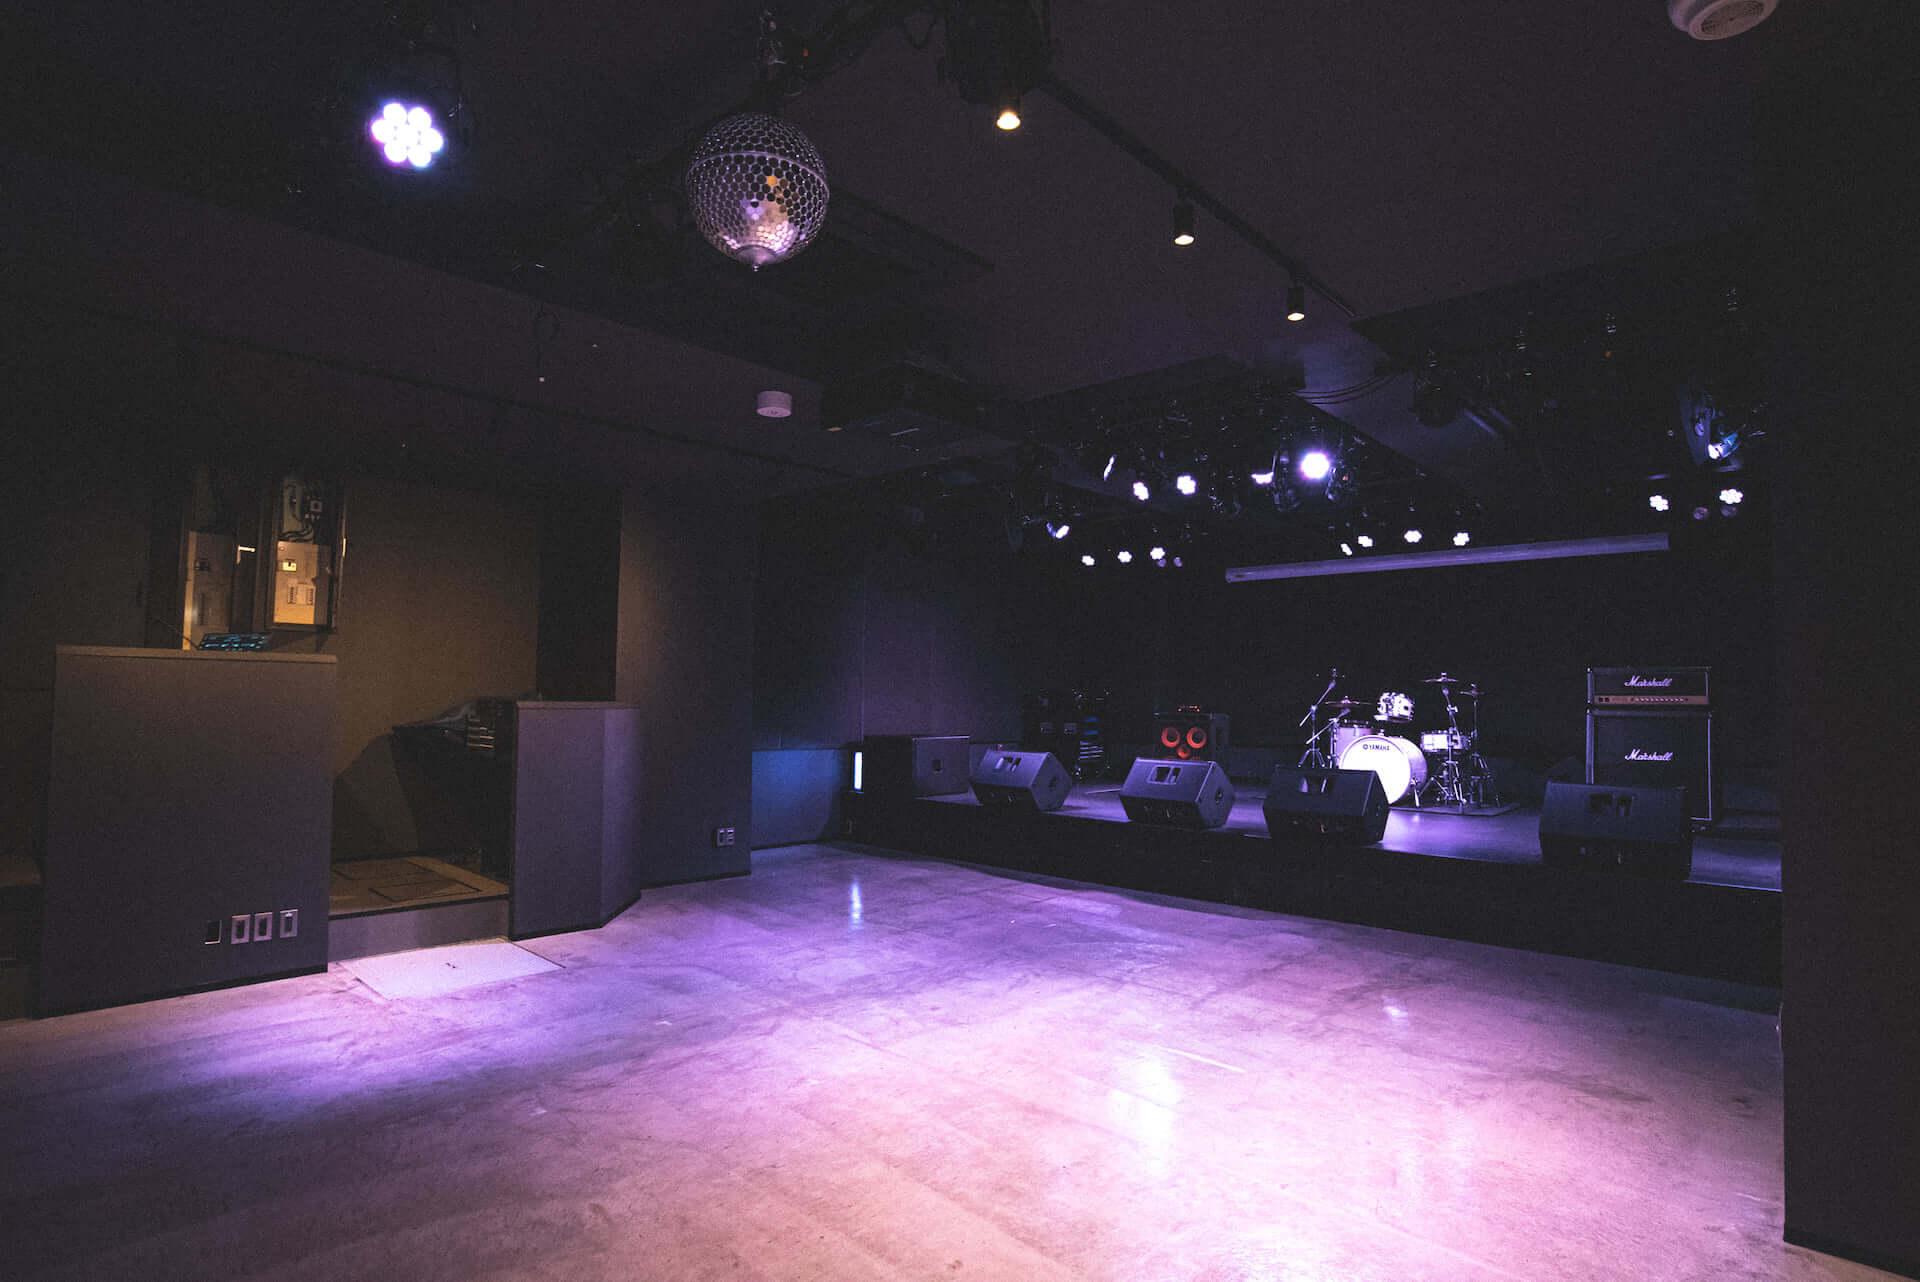 オーダーメイド型ライブハウス「TOKIO TOKYO」が渋谷に誕生!Dos Monos、Mom、Newspeak、BREIMENら出演のオープニングパーティーも実施 music210309_tokio-tokyo_2-1920x1282